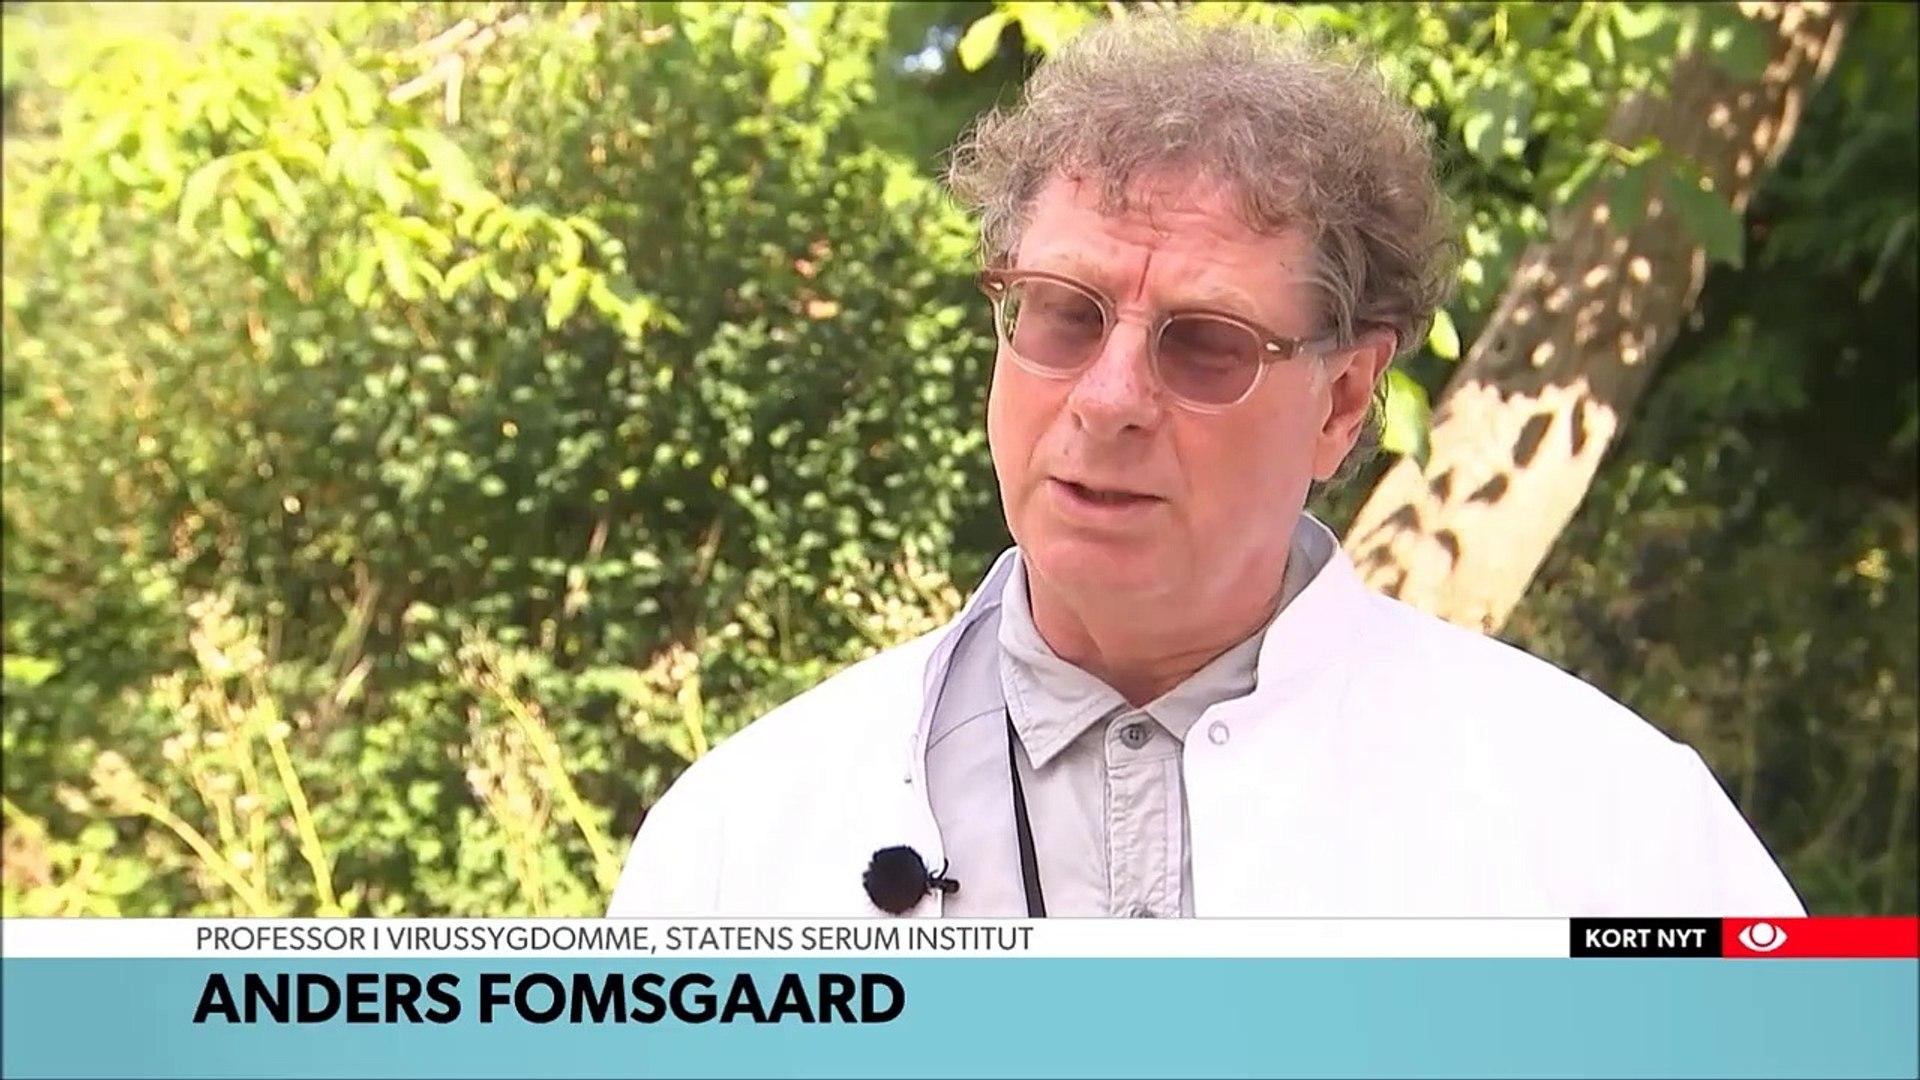 Efter flåtbid: 59-årig smittet med hjernebetændelse -  DR TVAvisen 23-07-2019